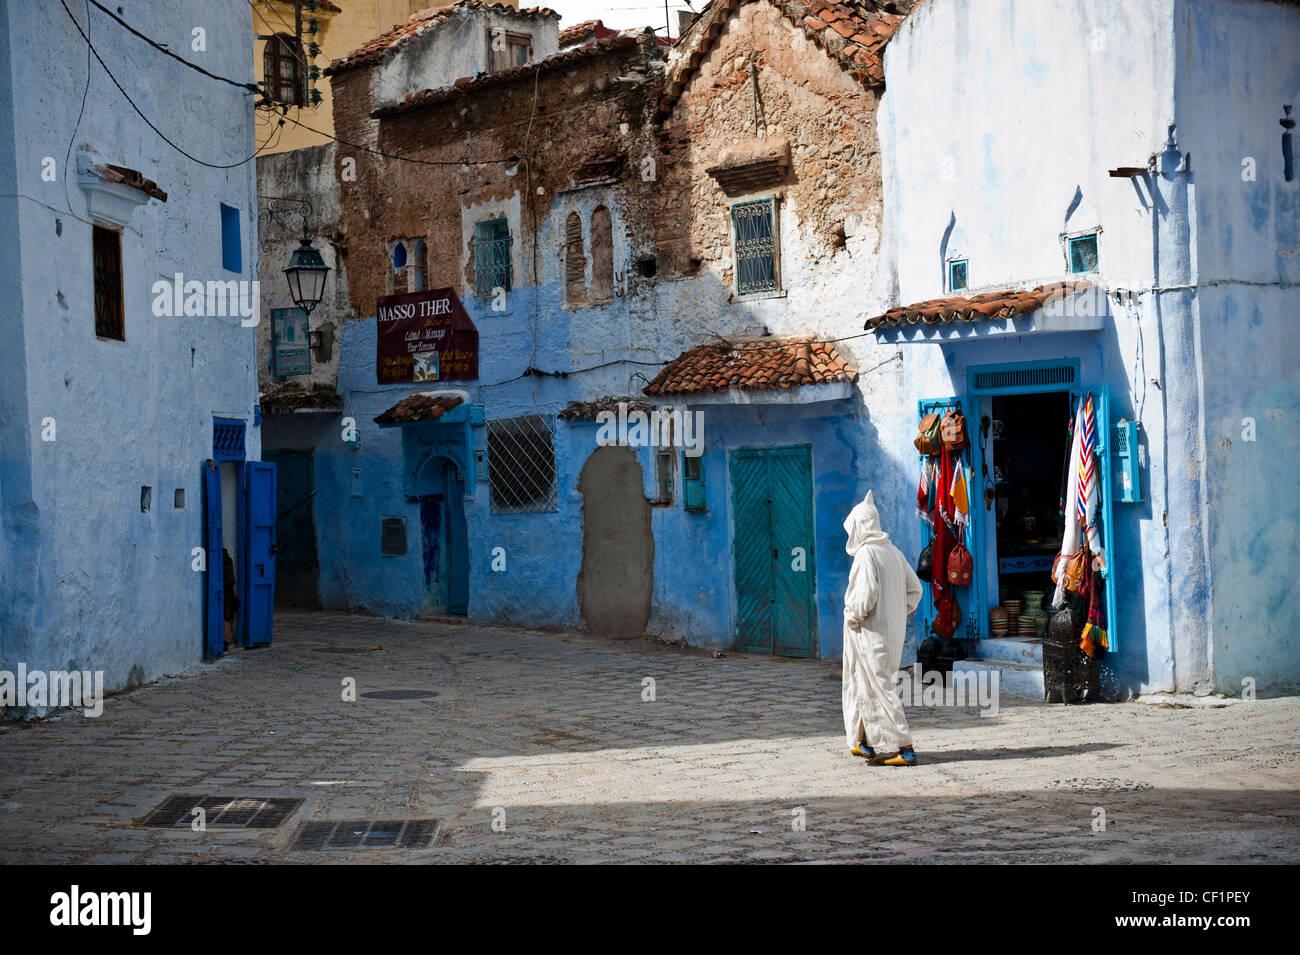 Hombre musulmán caminando en la pared azul de la antigua medina de Chefchaouen, Marruecos Foto de stock